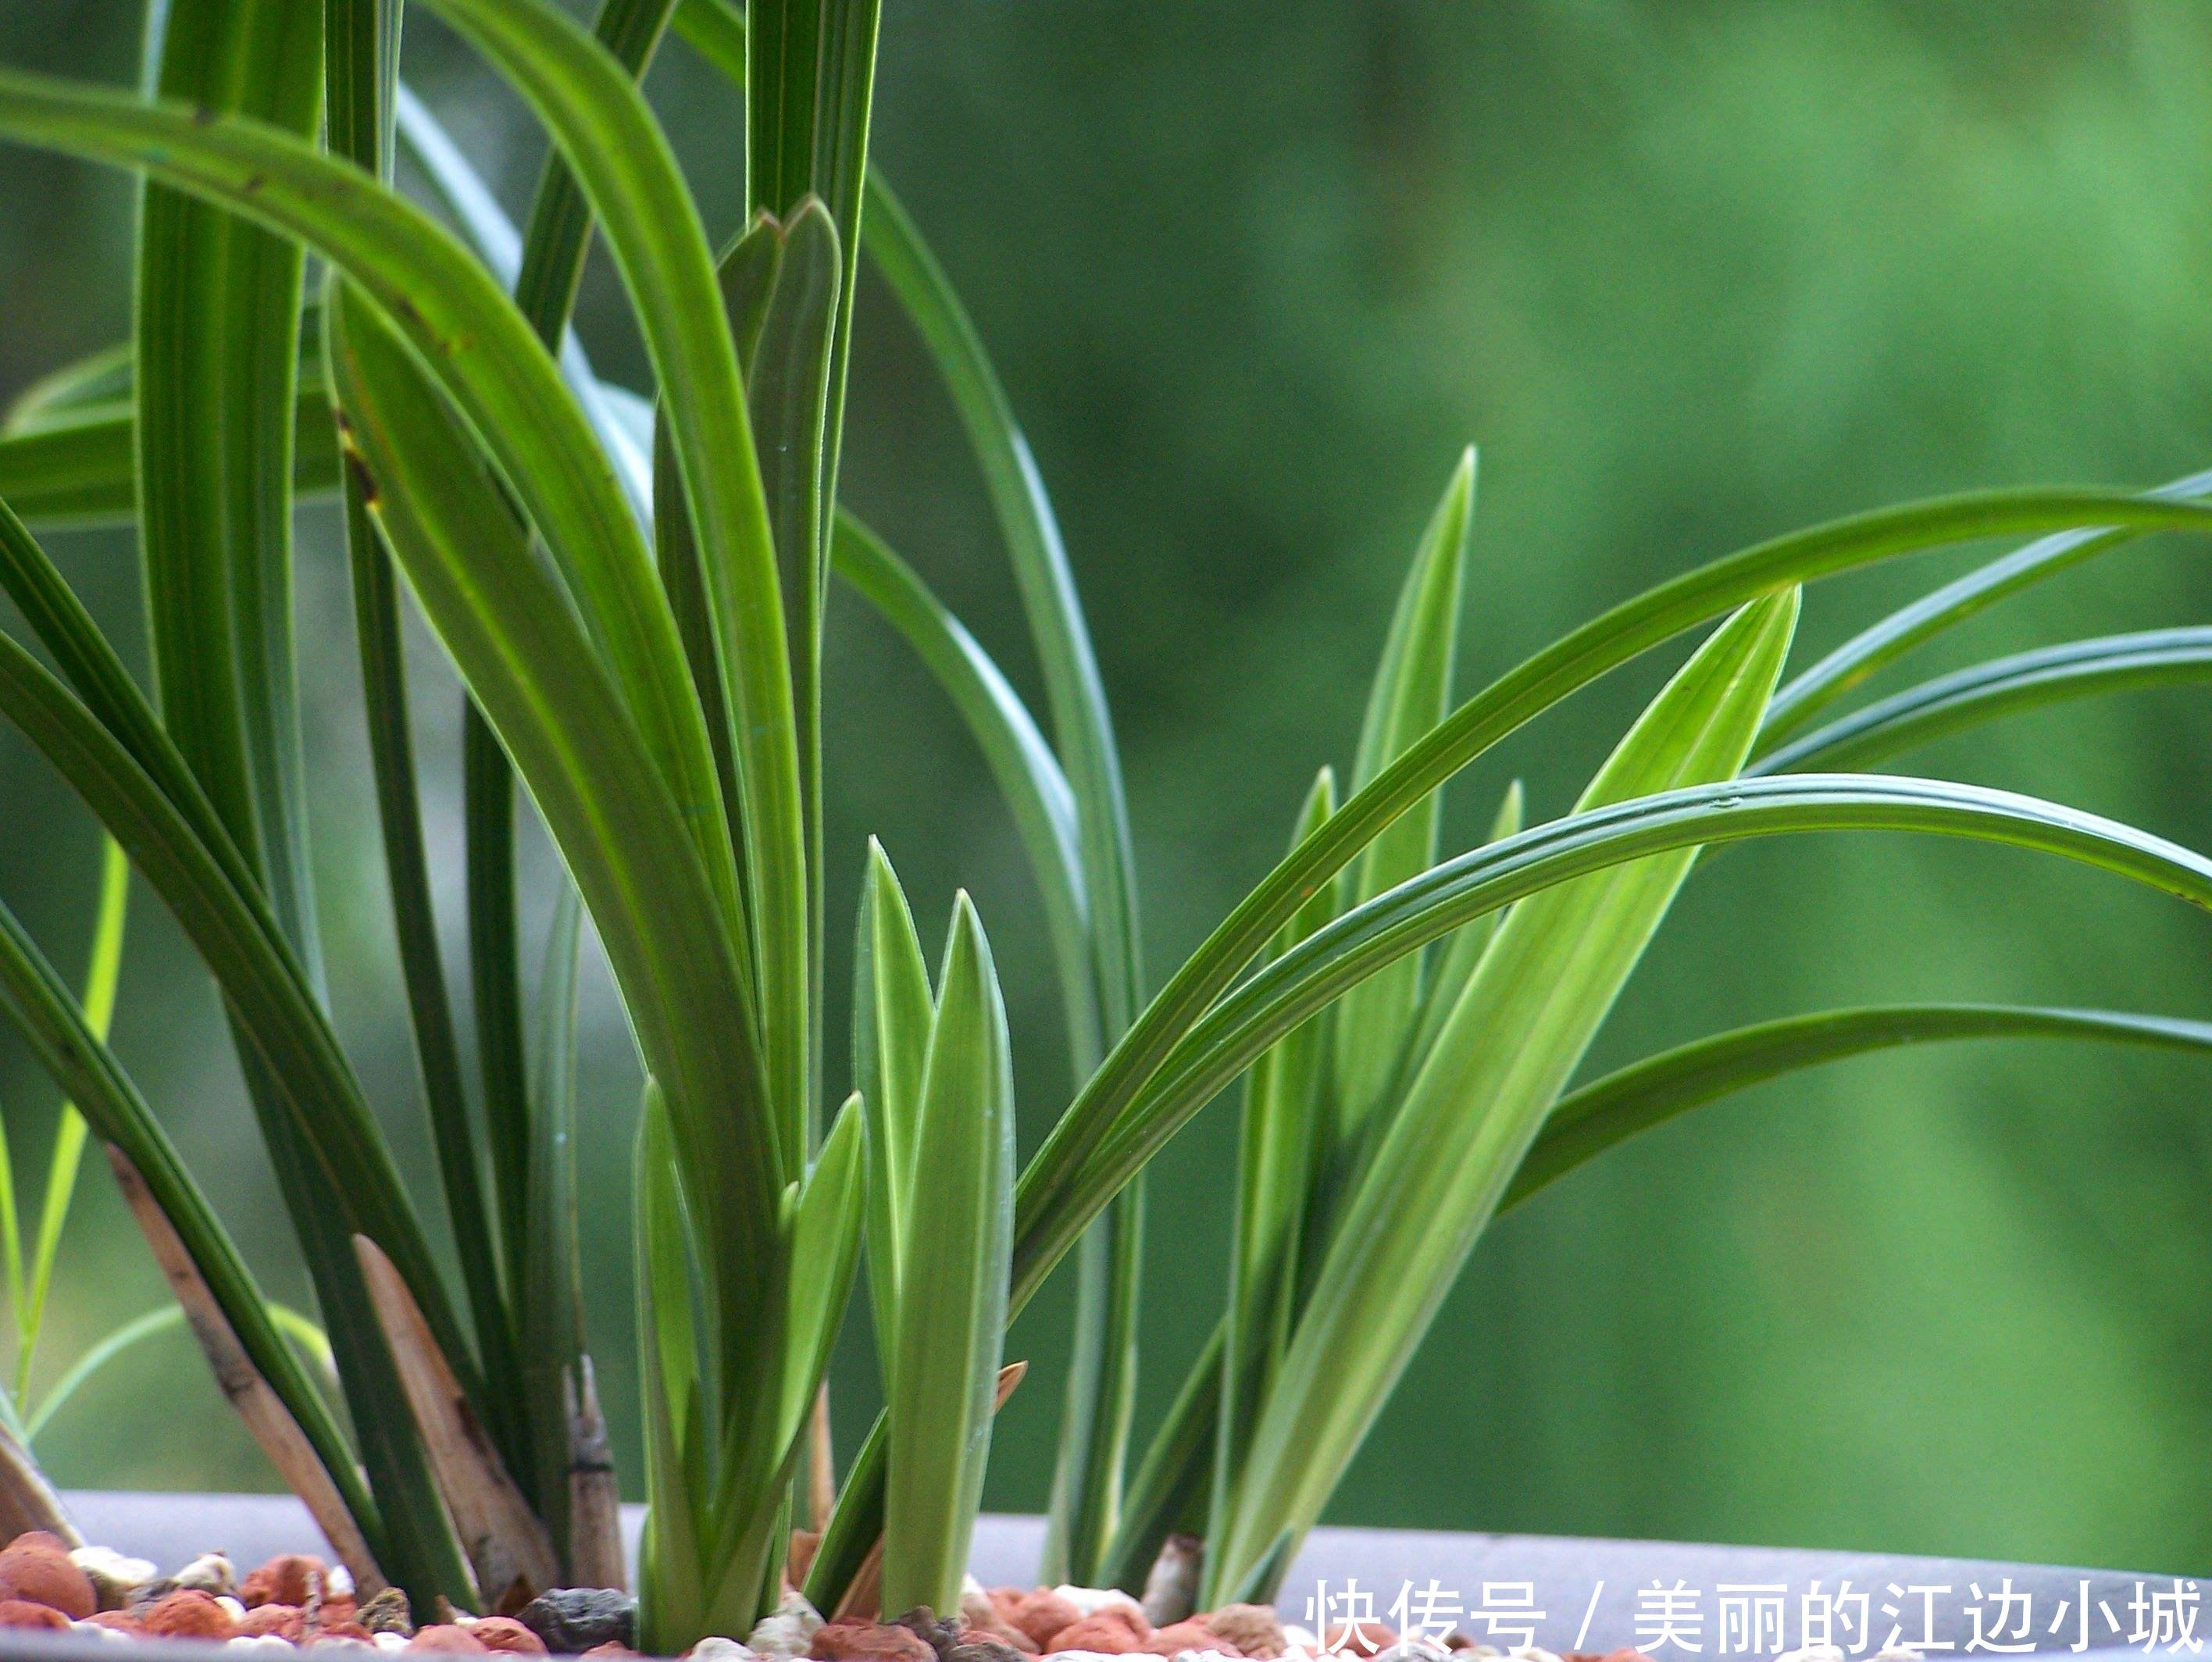 9月份兰花养护技巧,掌握几点,新叶蹭蹭冒,叶片油绿不干尖